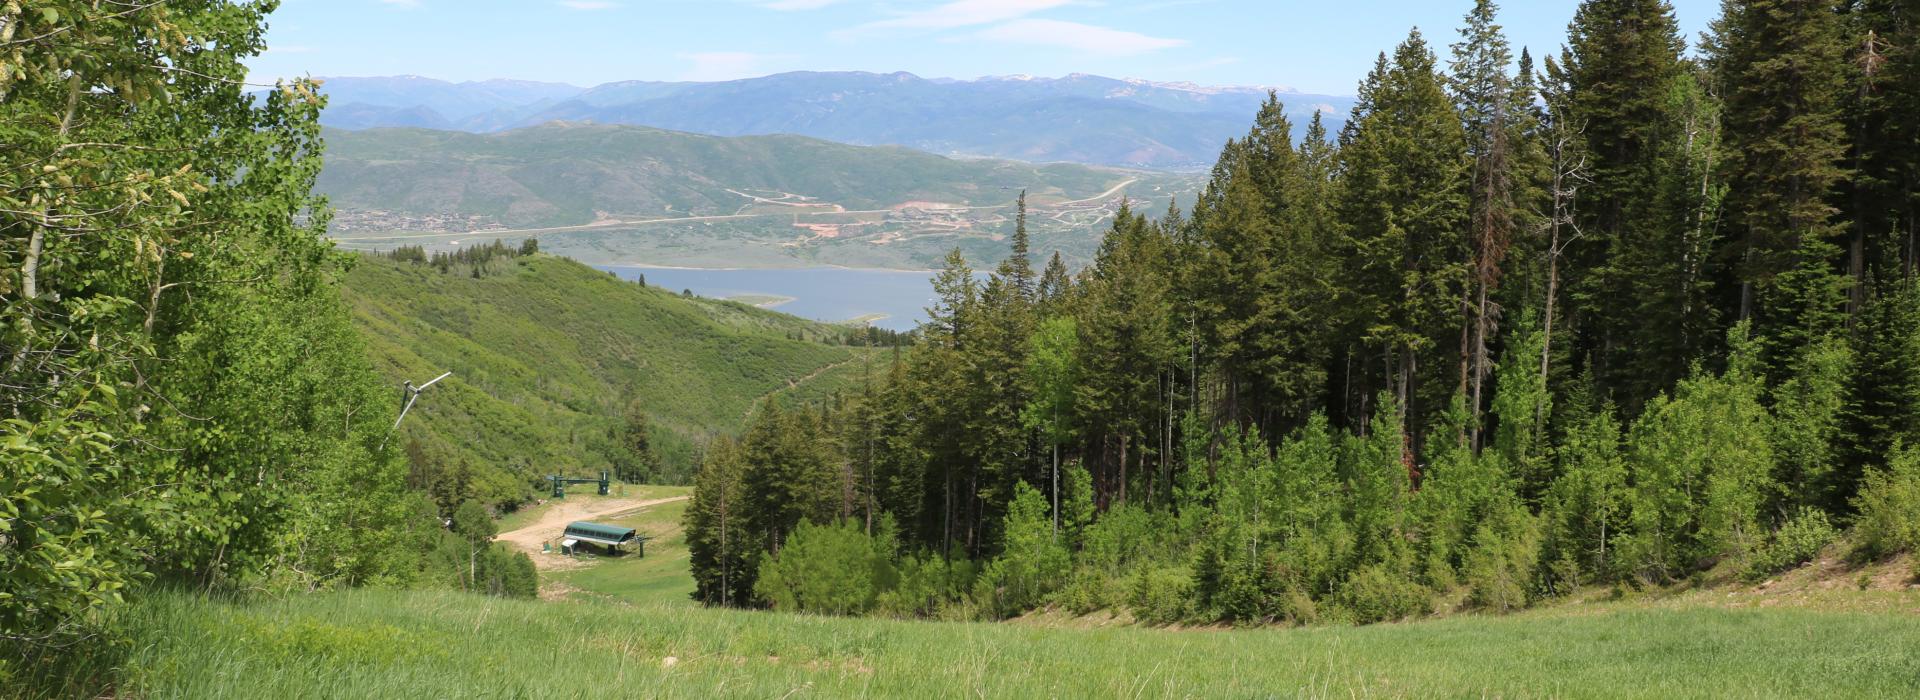 Deer Valley Vacation Luxury Condo Rentals Silver Lake